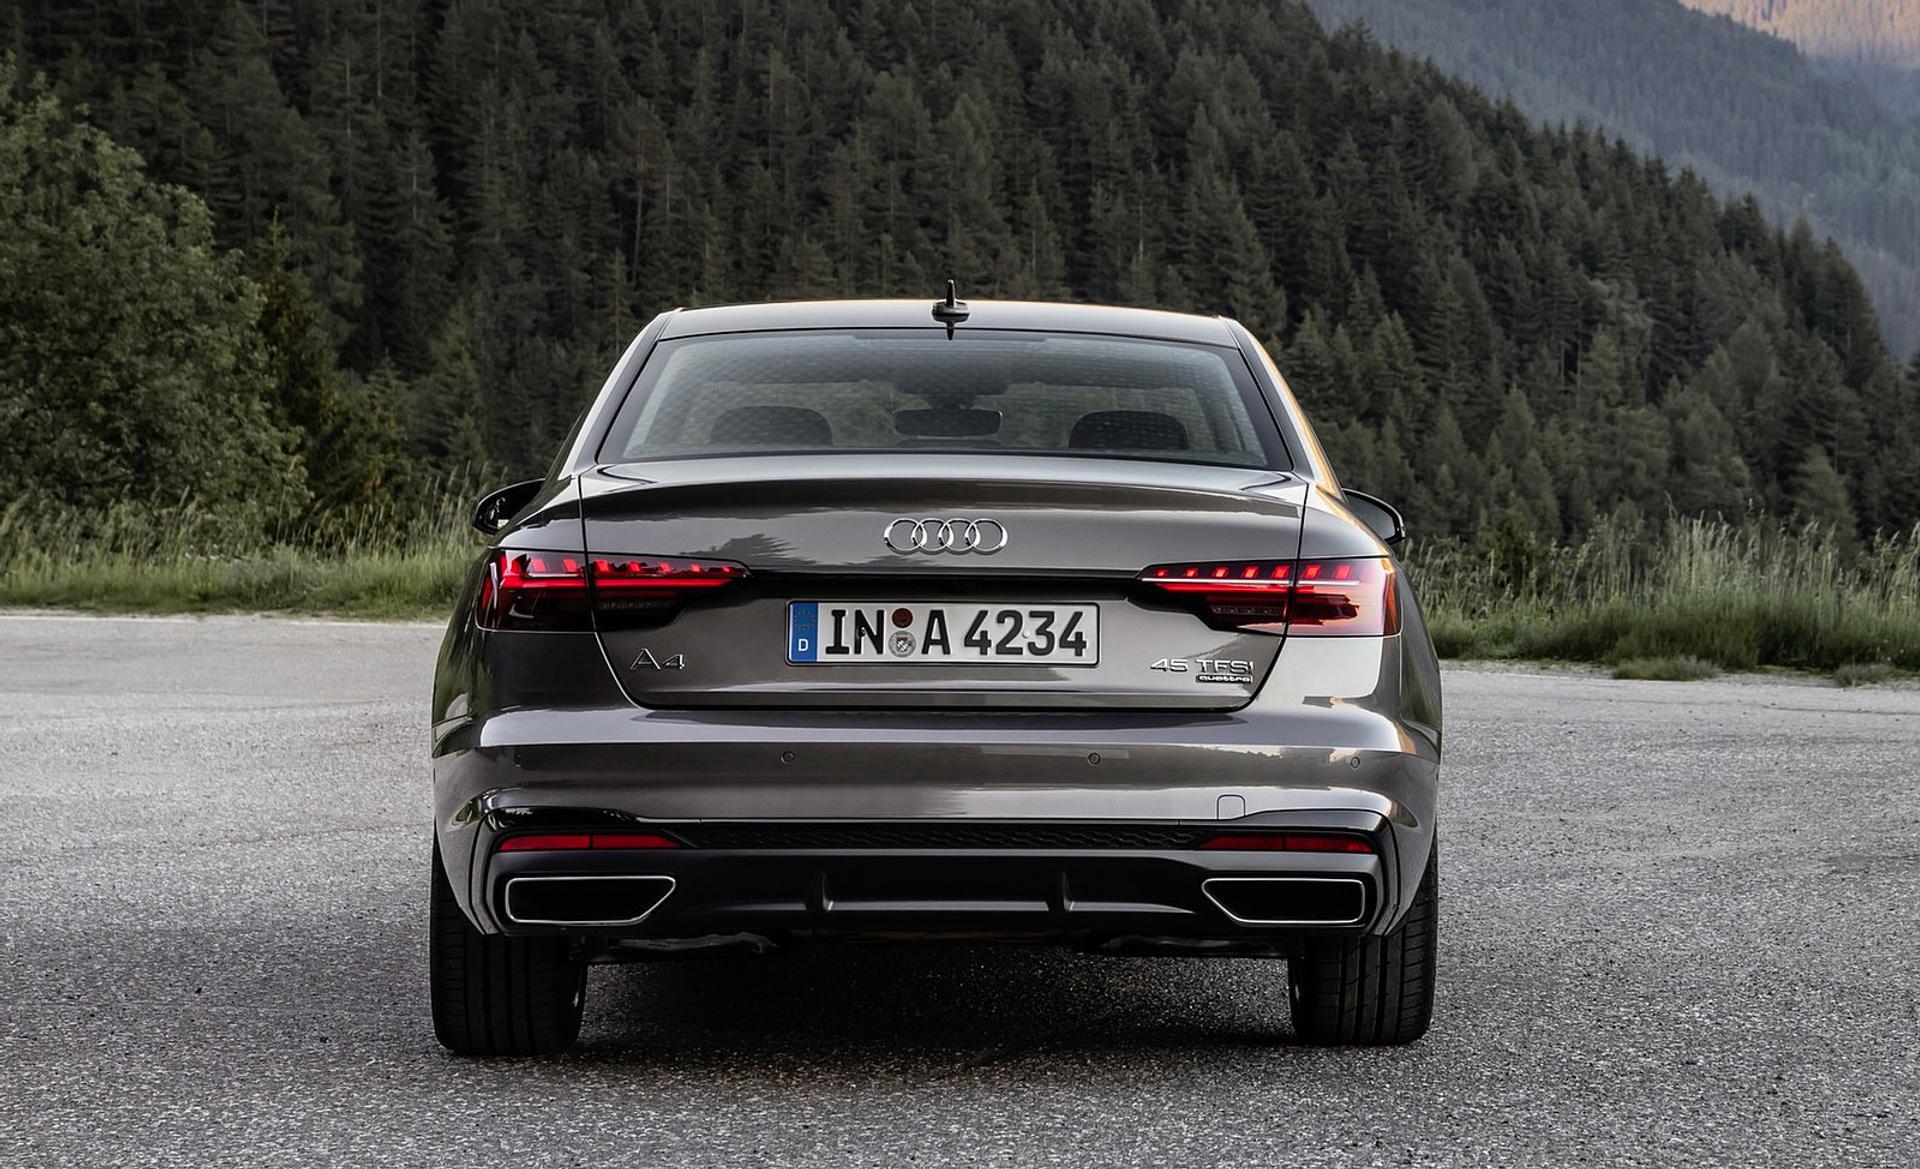 Audi A4 rear view